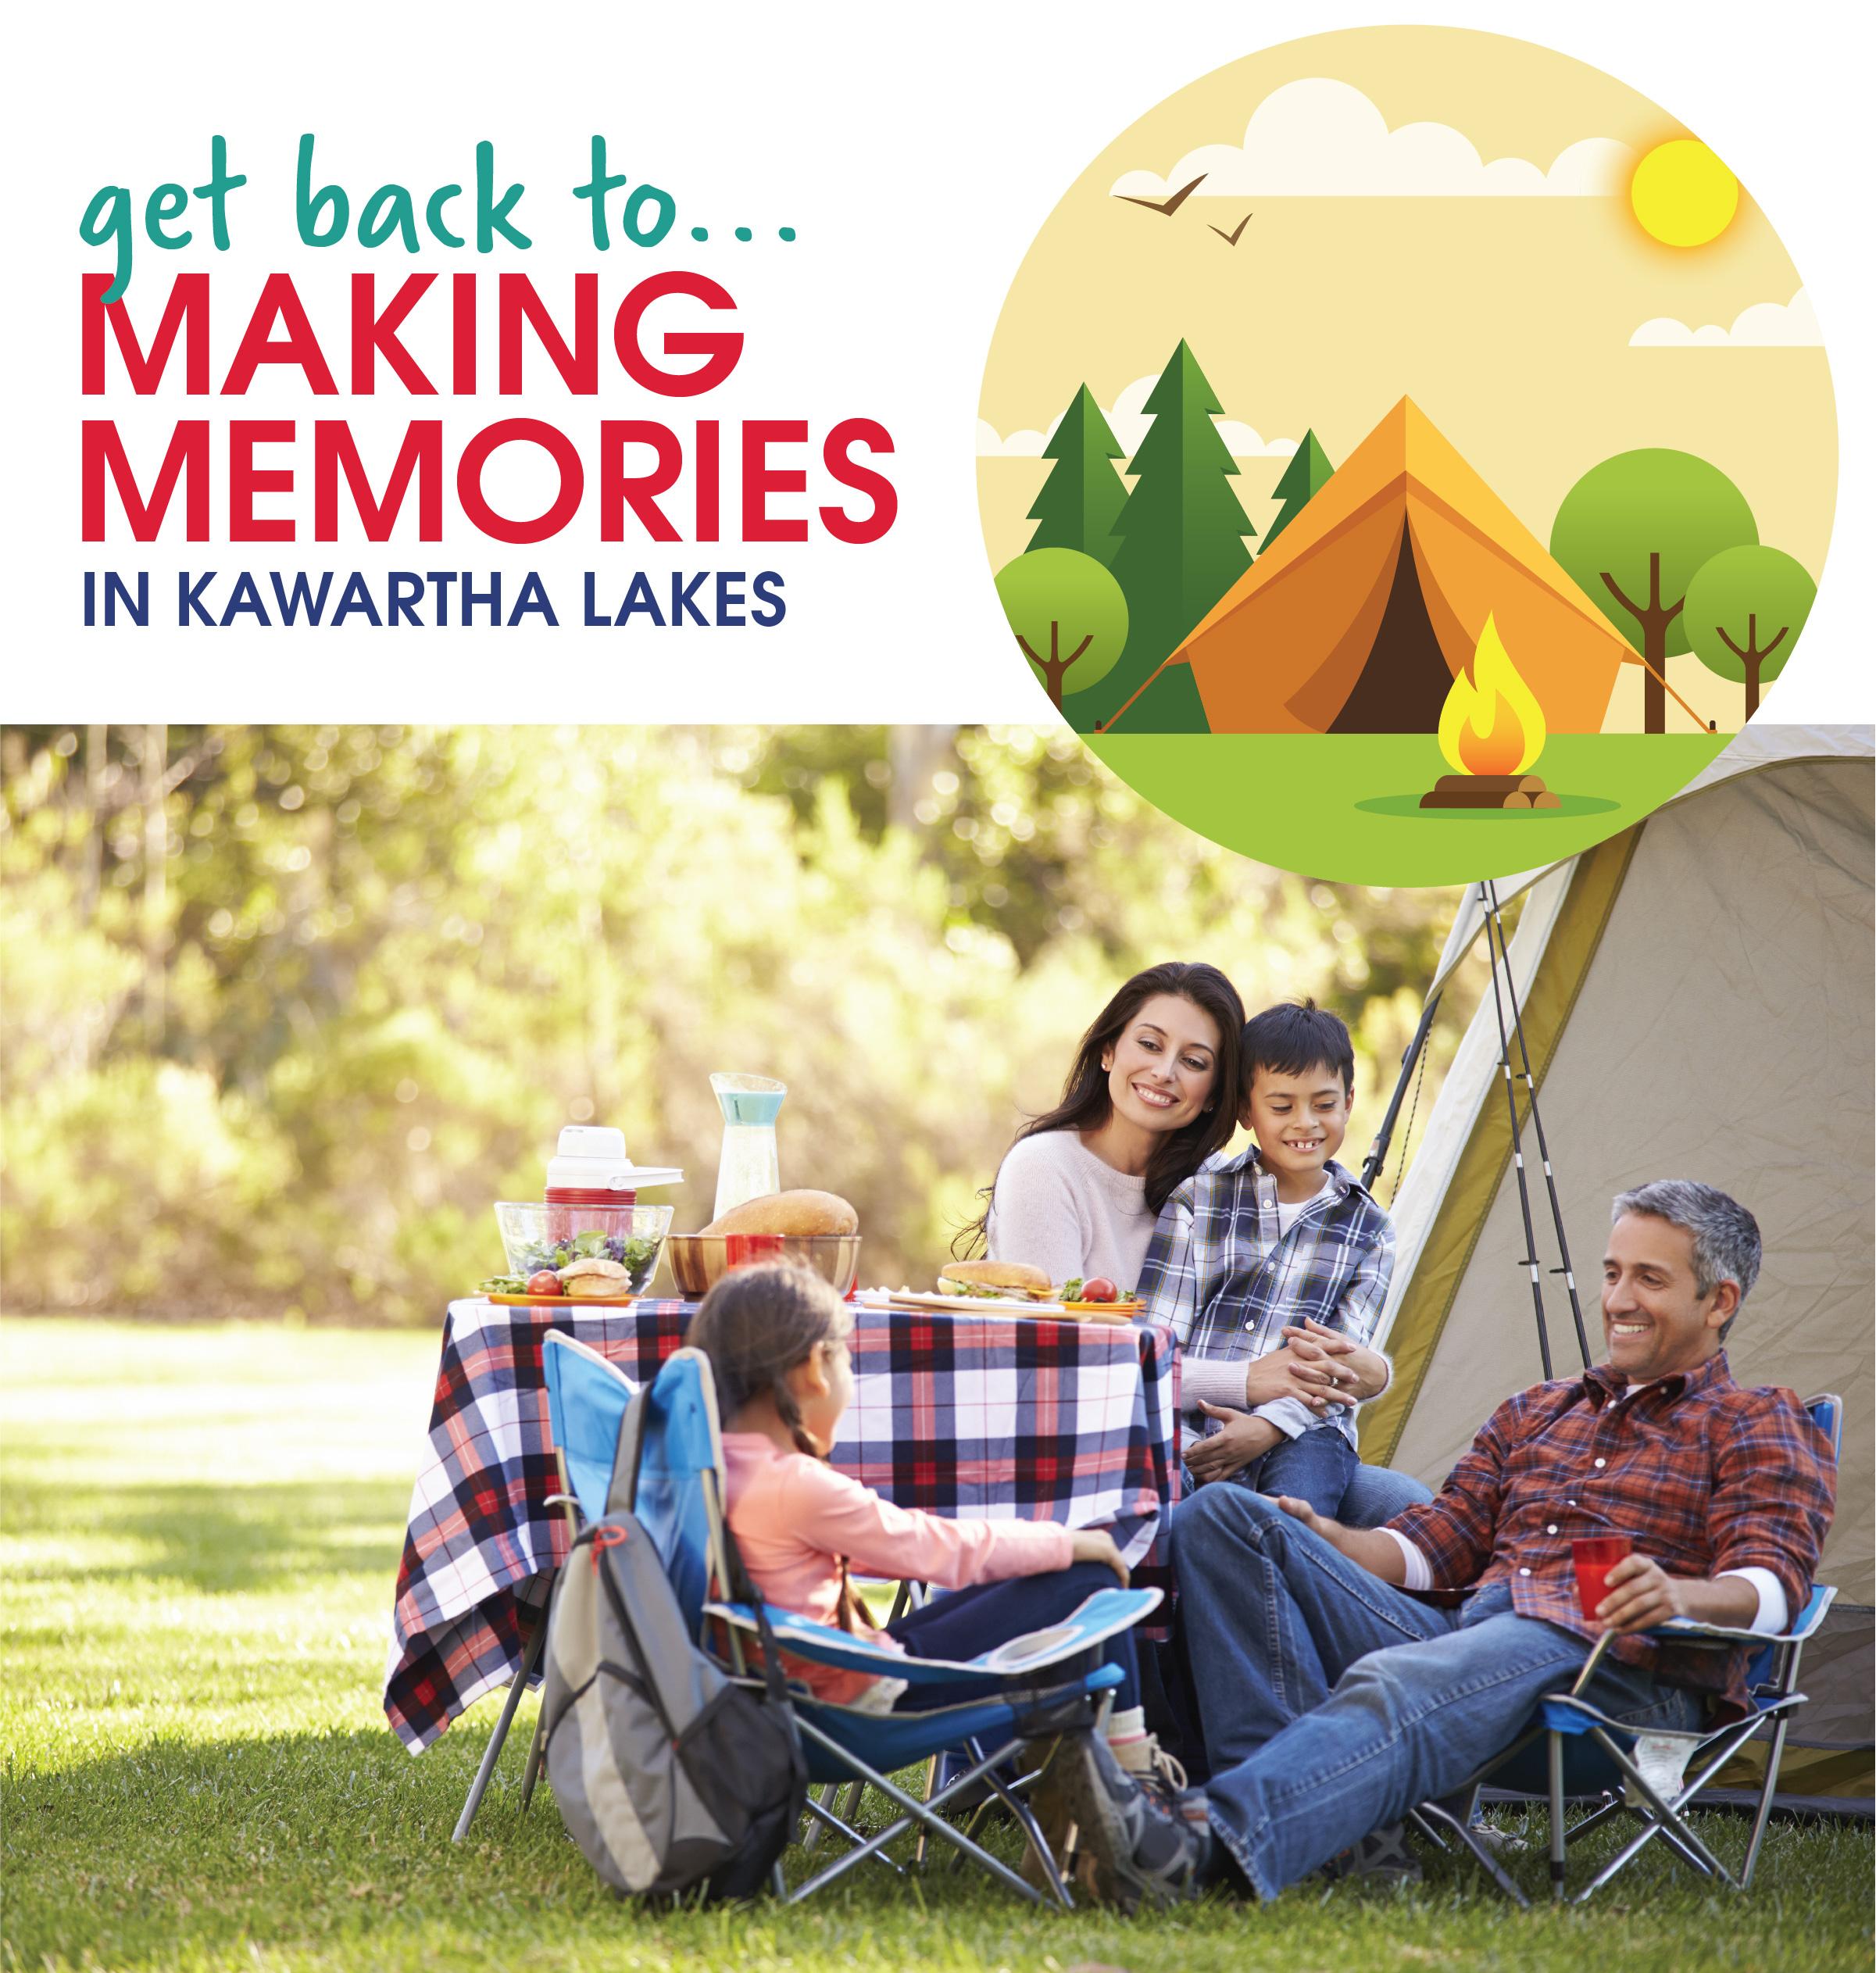 Get back to Making Memories in Kawartha Lakes